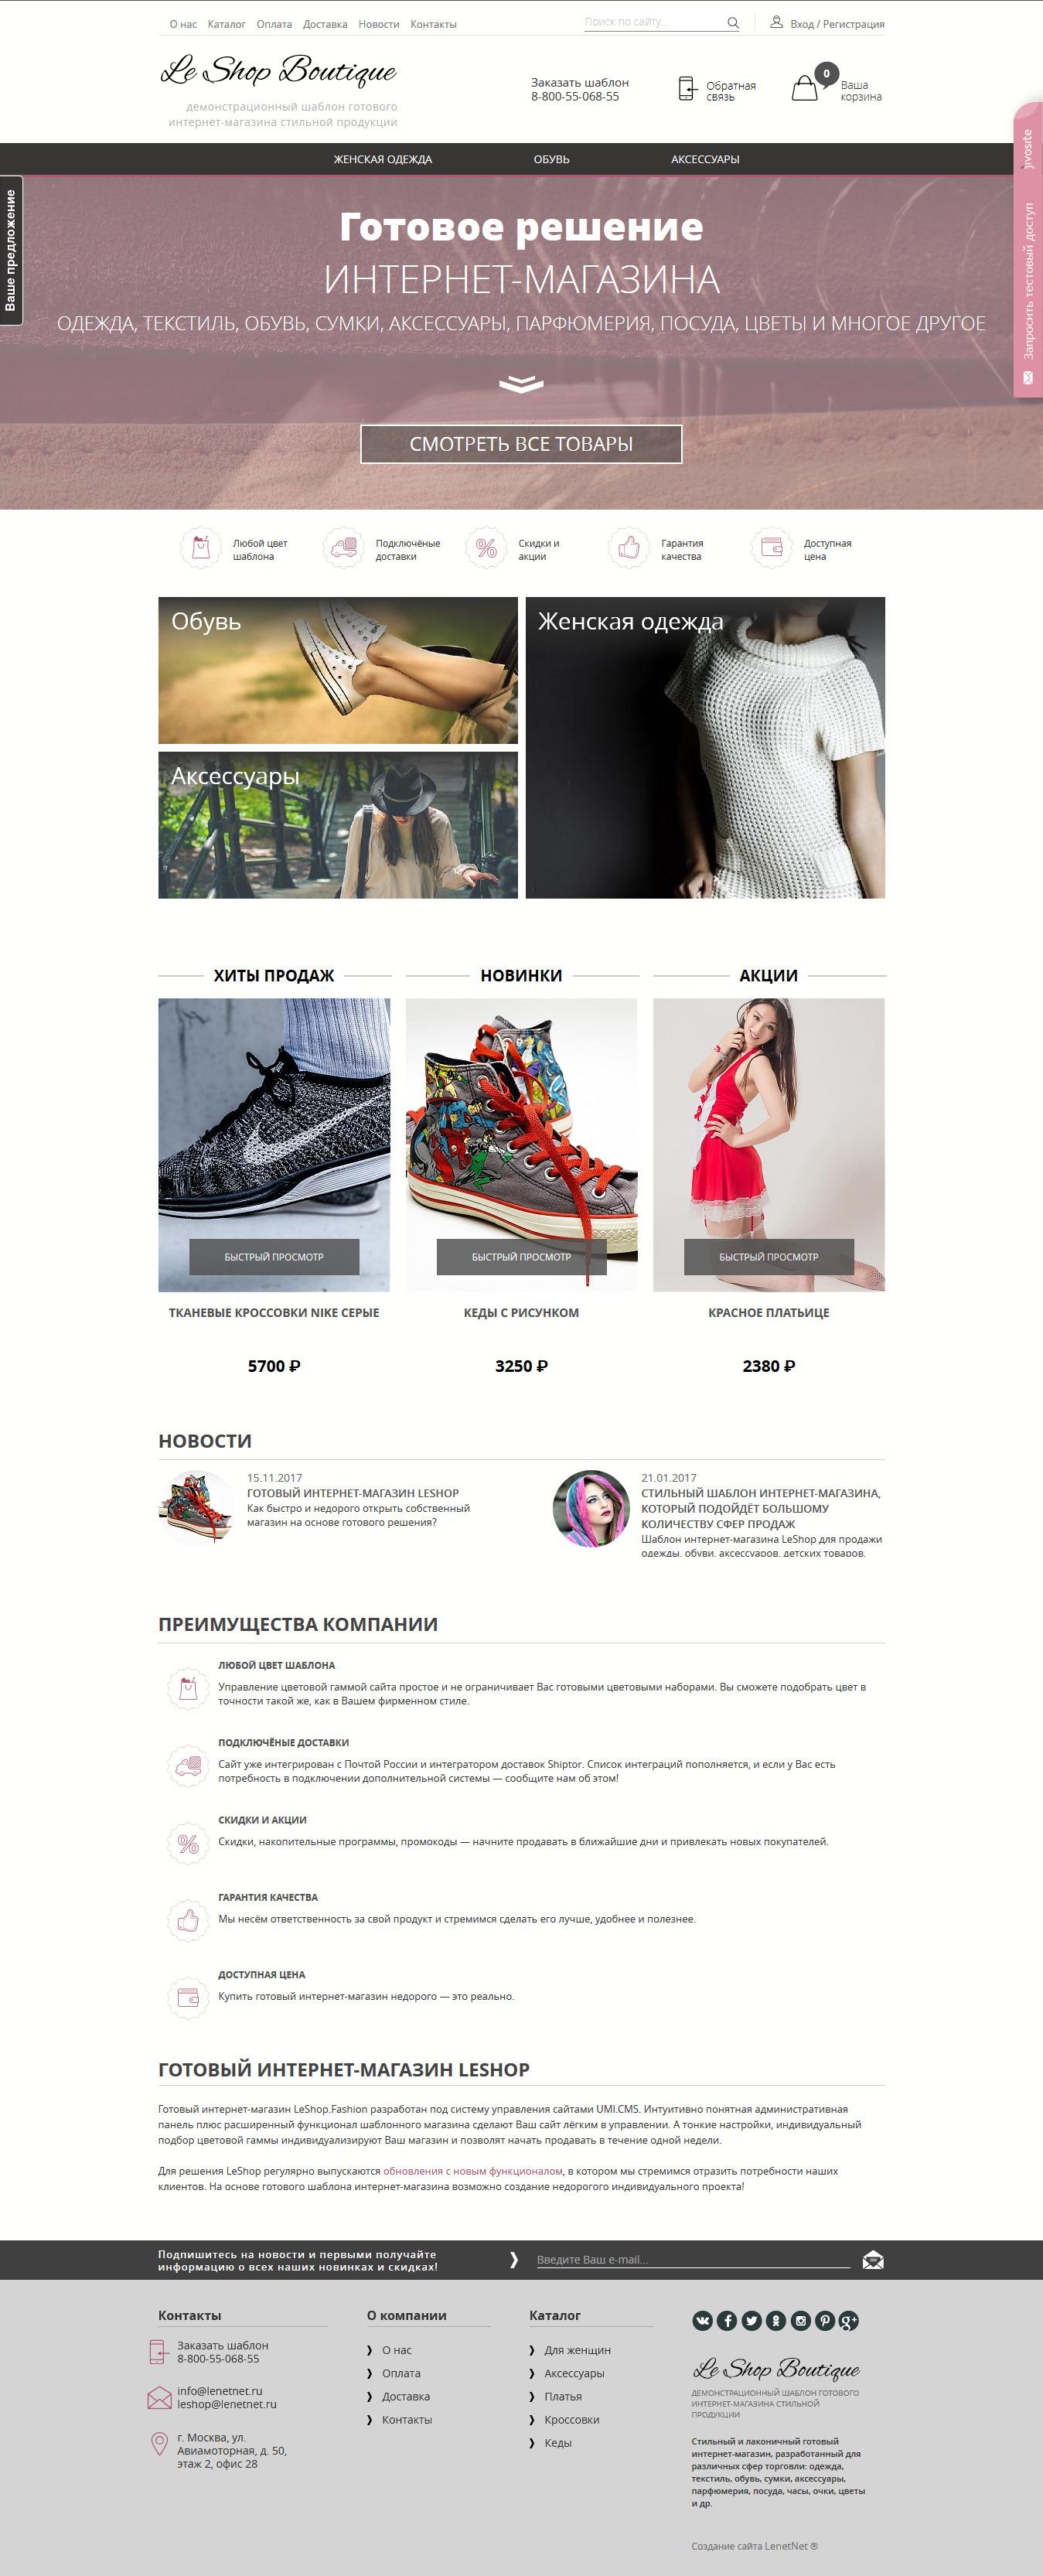 28453ed0367 Fashion Готовое решение  Адаптивный интернет-магазин LeShop.